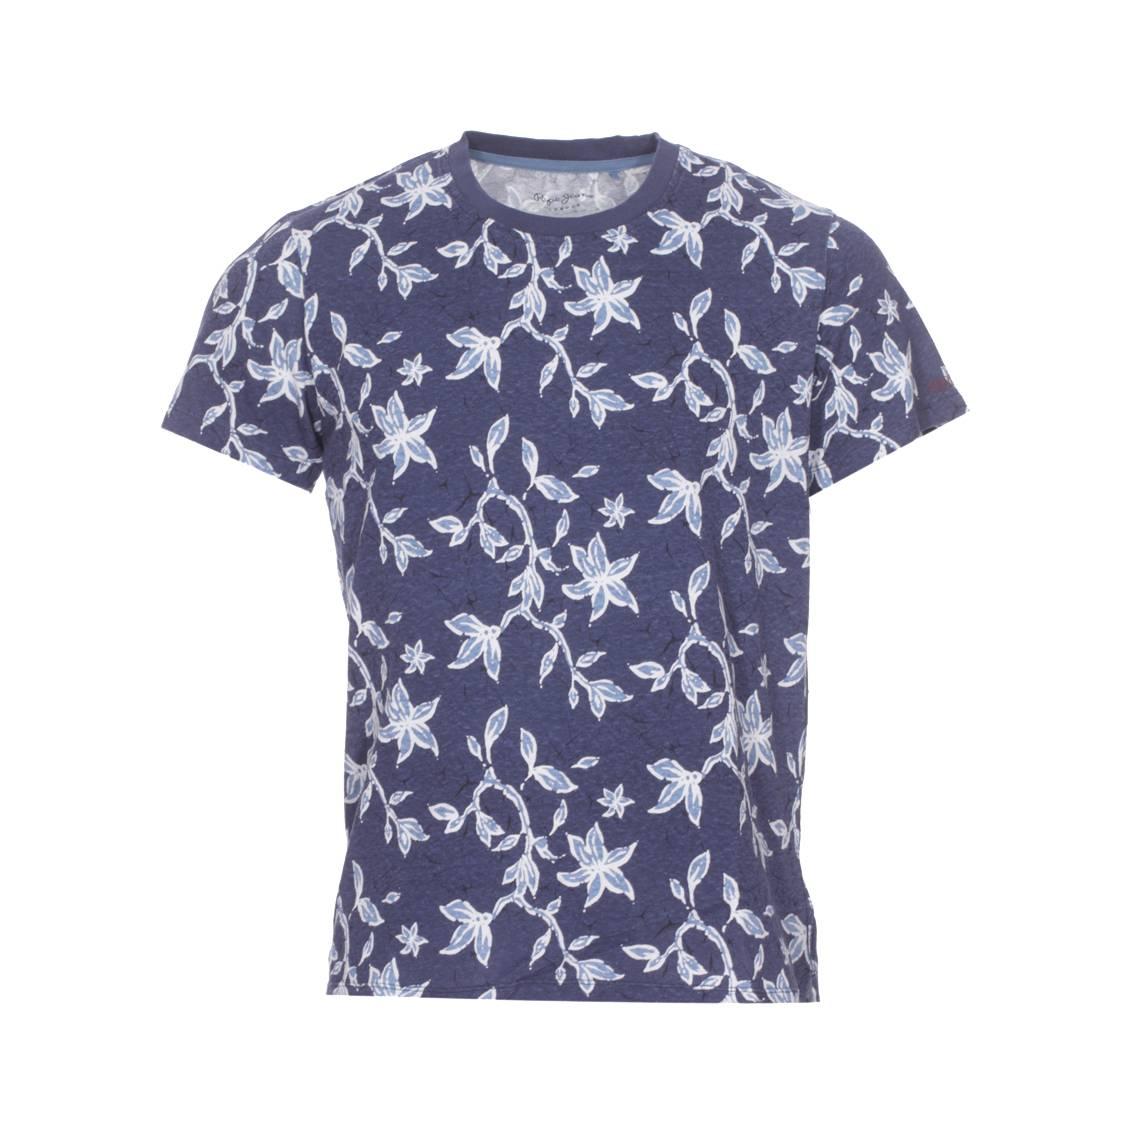 Tee-shirt col rond  oaks en coton léger bleu marine à motifs floraux bleu ciel et blancs